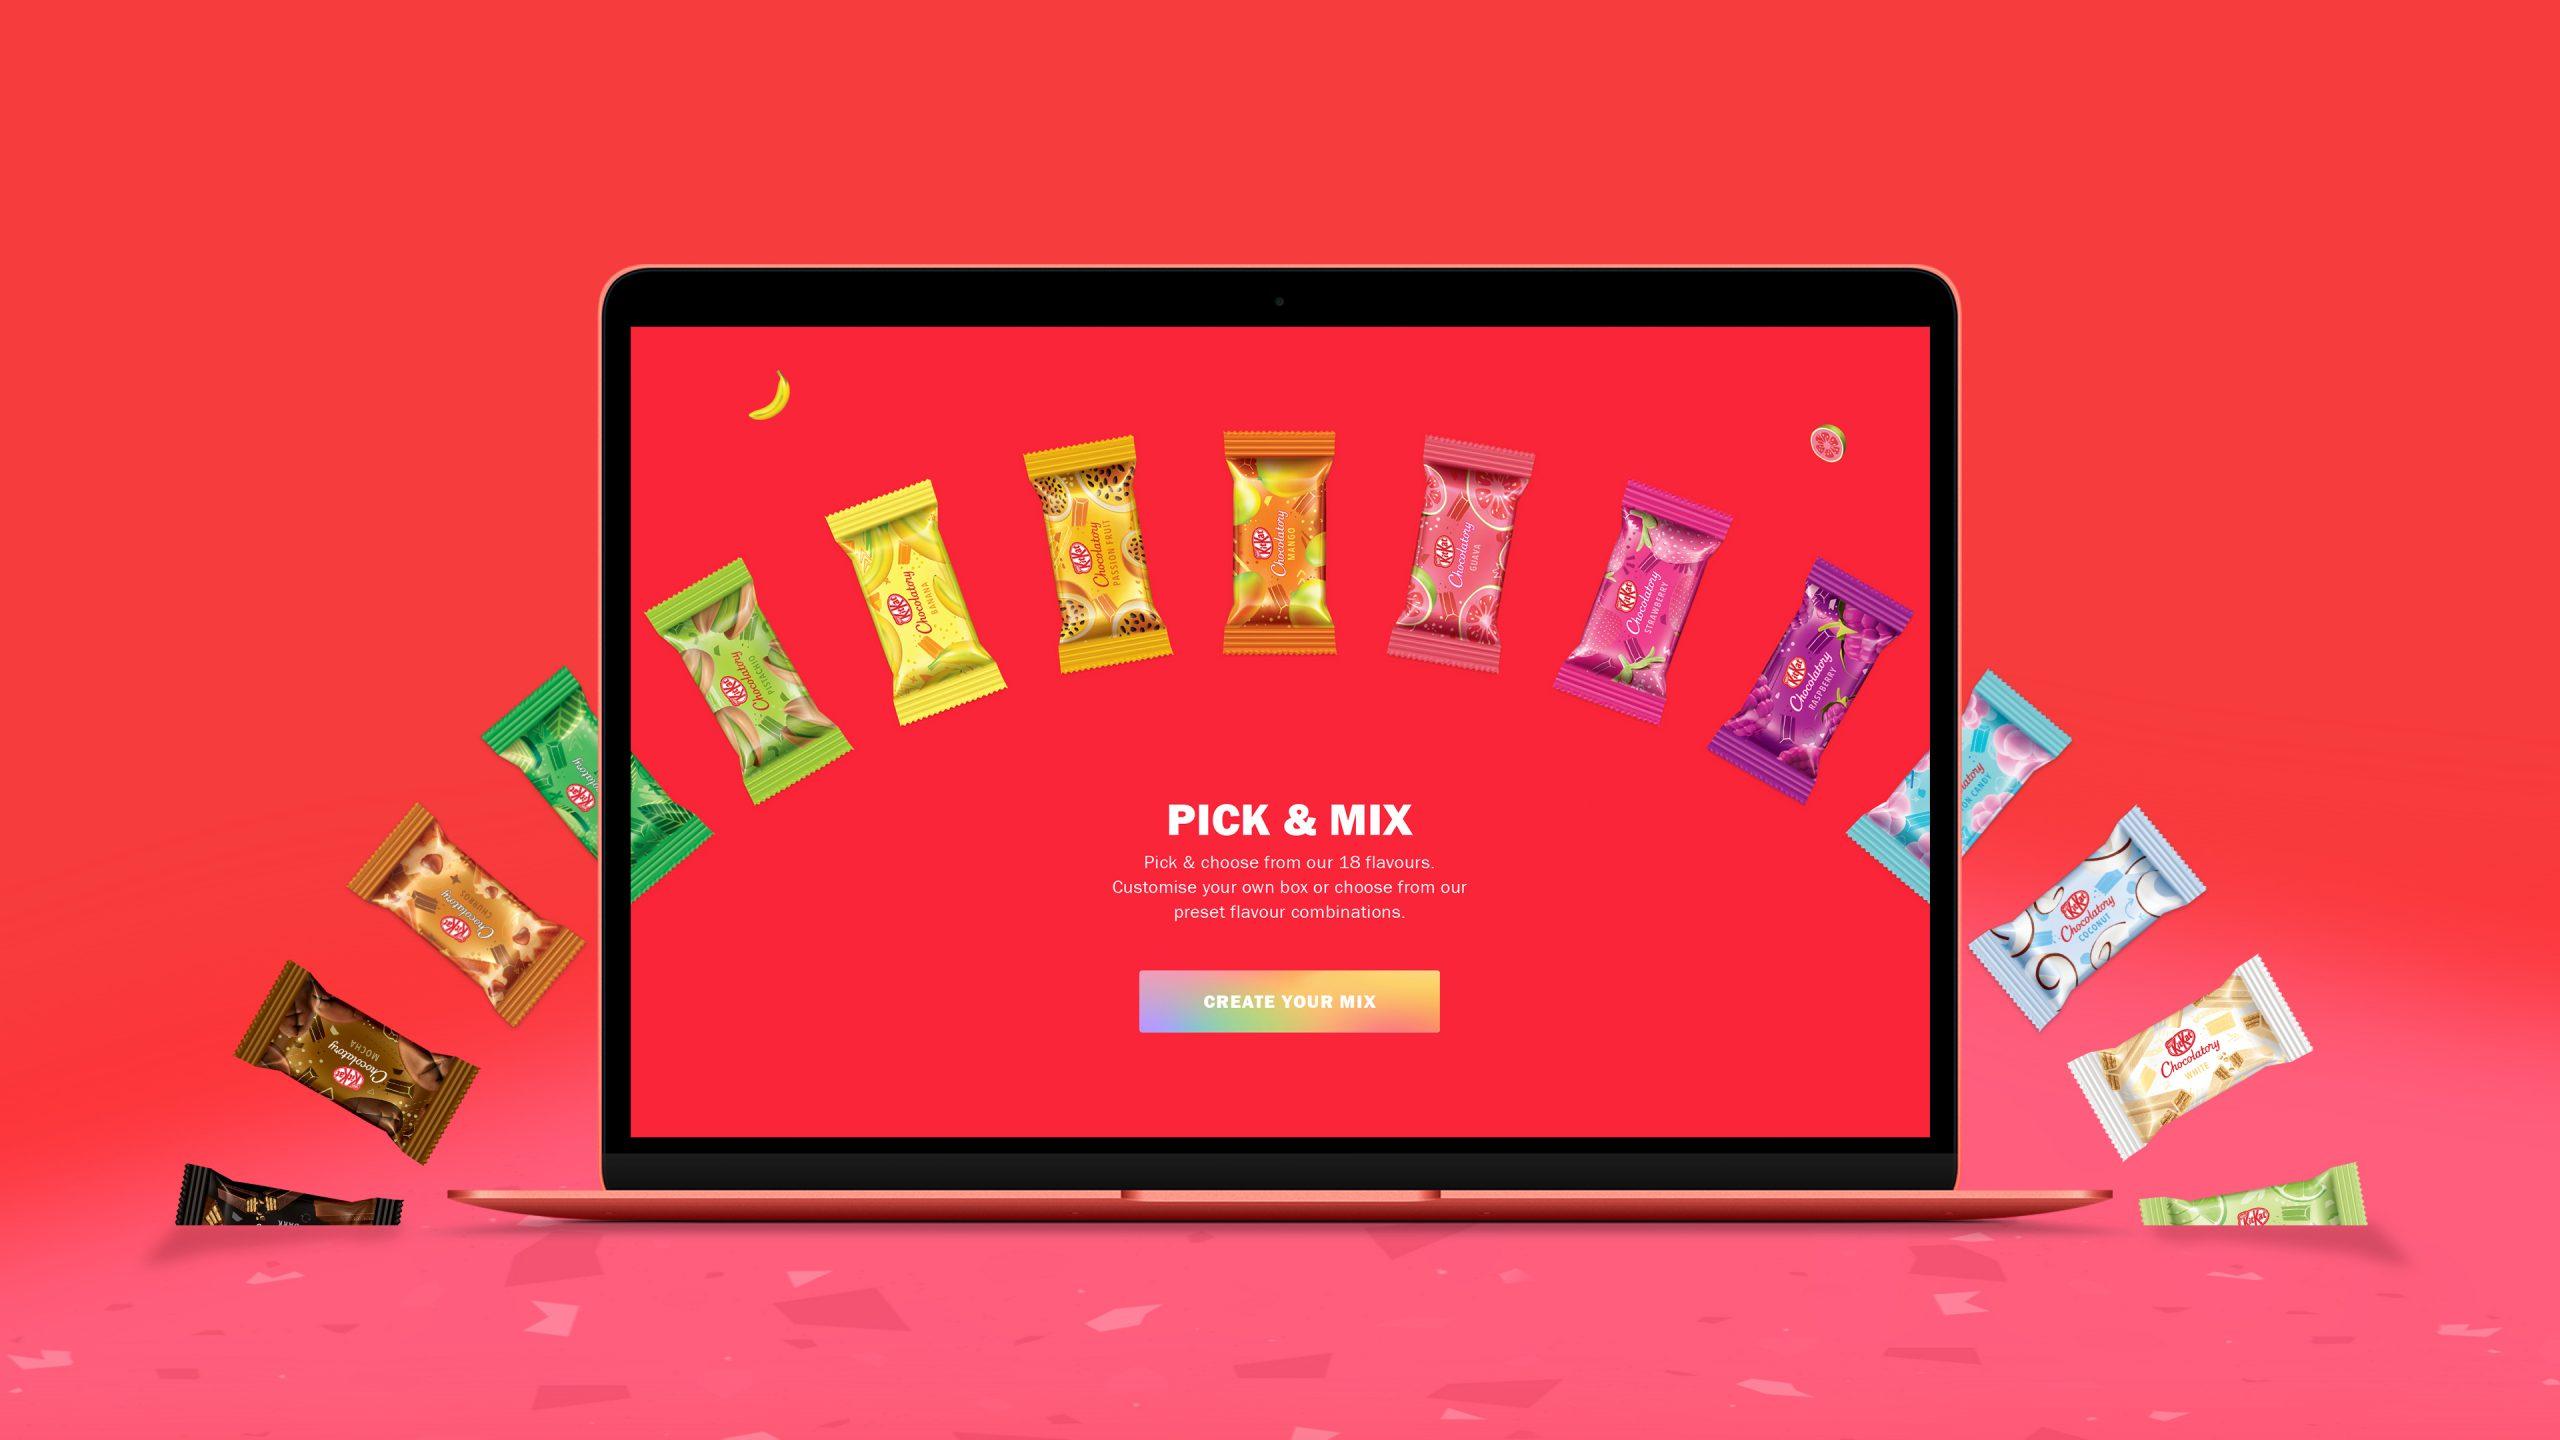 KitKat lança canal de e-commerce exclusivo junto com programa de fidelidade